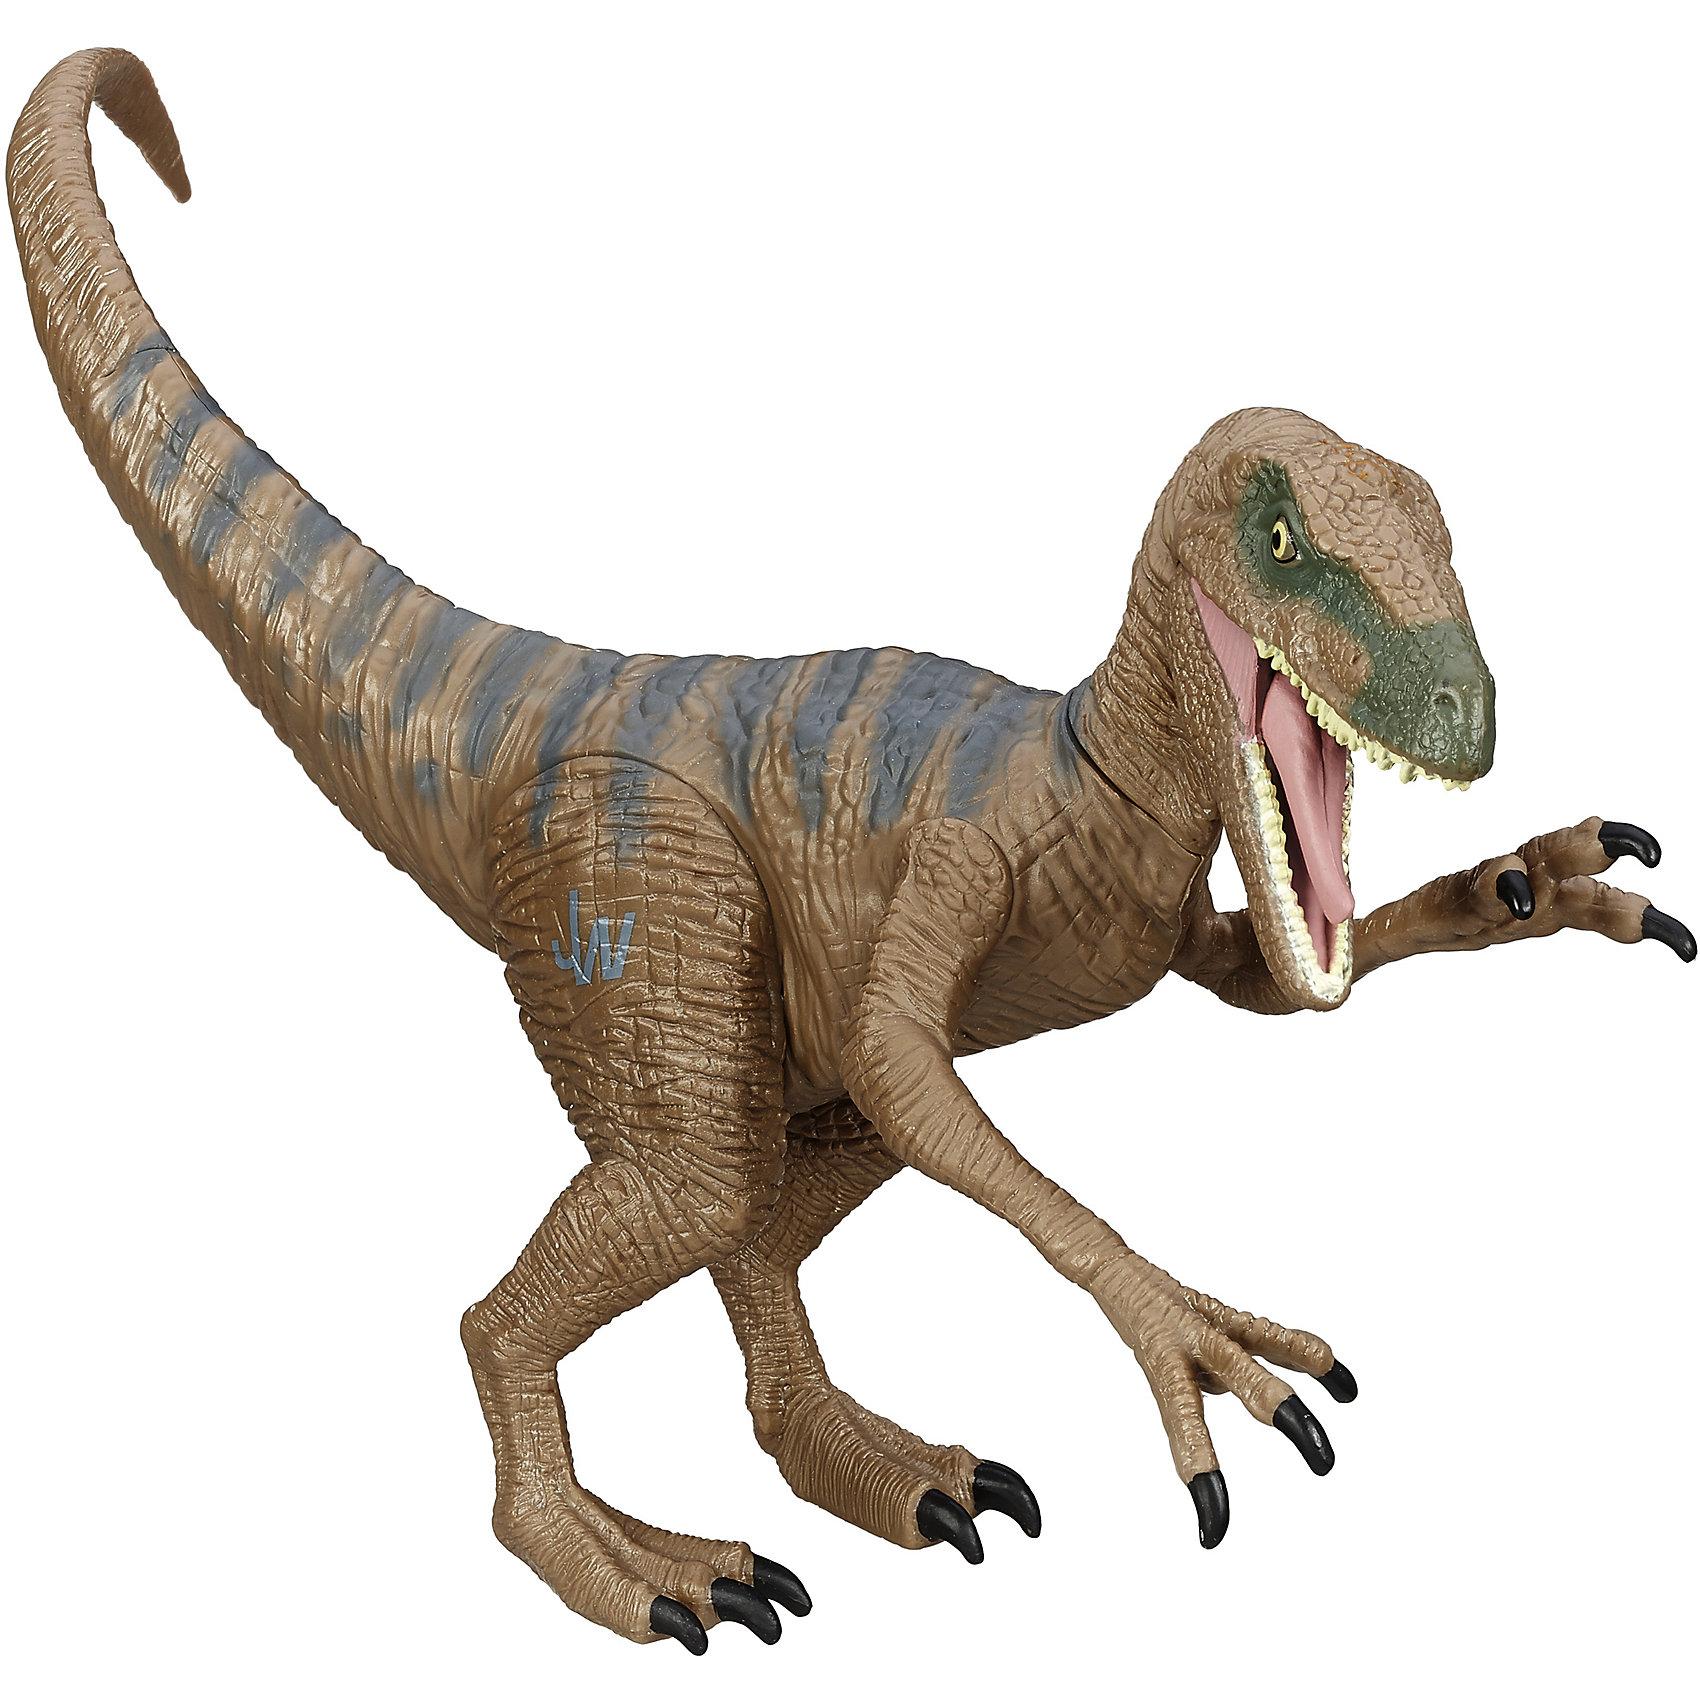 Титаны Динозавры: Велоцираптор Дельта, Мир Юрского ПериодаФигурки Динозавров Мира Юрского Периода высотой 35 см. из популярной линейки Титаны по привлекательно цене.<br><br>Ширина мм: 152<br>Глубина мм: 279<br>Высота мм: 76<br>Вес г: 275<br>Возраст от месяцев: 48<br>Возраст до месяцев: 1188<br>Пол: Мужской<br>Возраст: Детский<br>SKU: 4163211